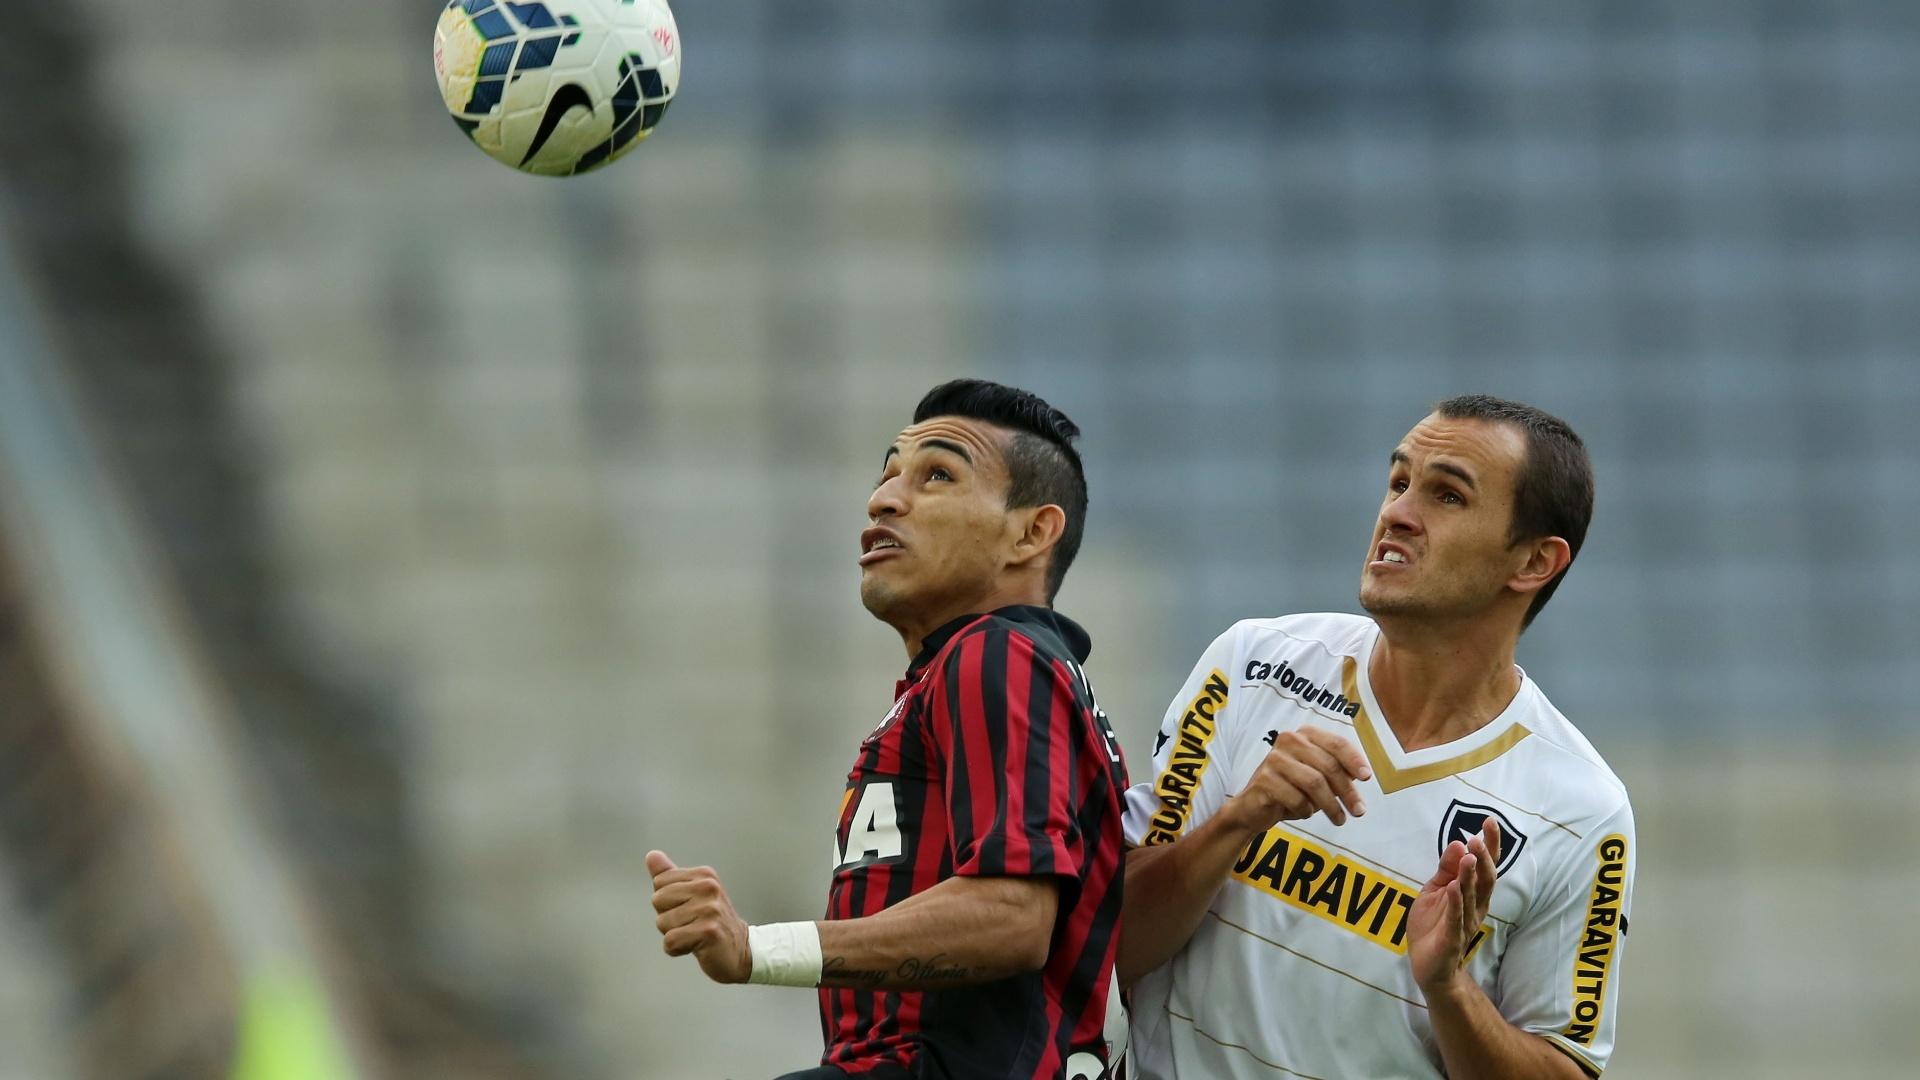 Natanael, do Atlético-PR, e Lucas, do Botafogo, disputam a bola no duelo pelo Brasileirão